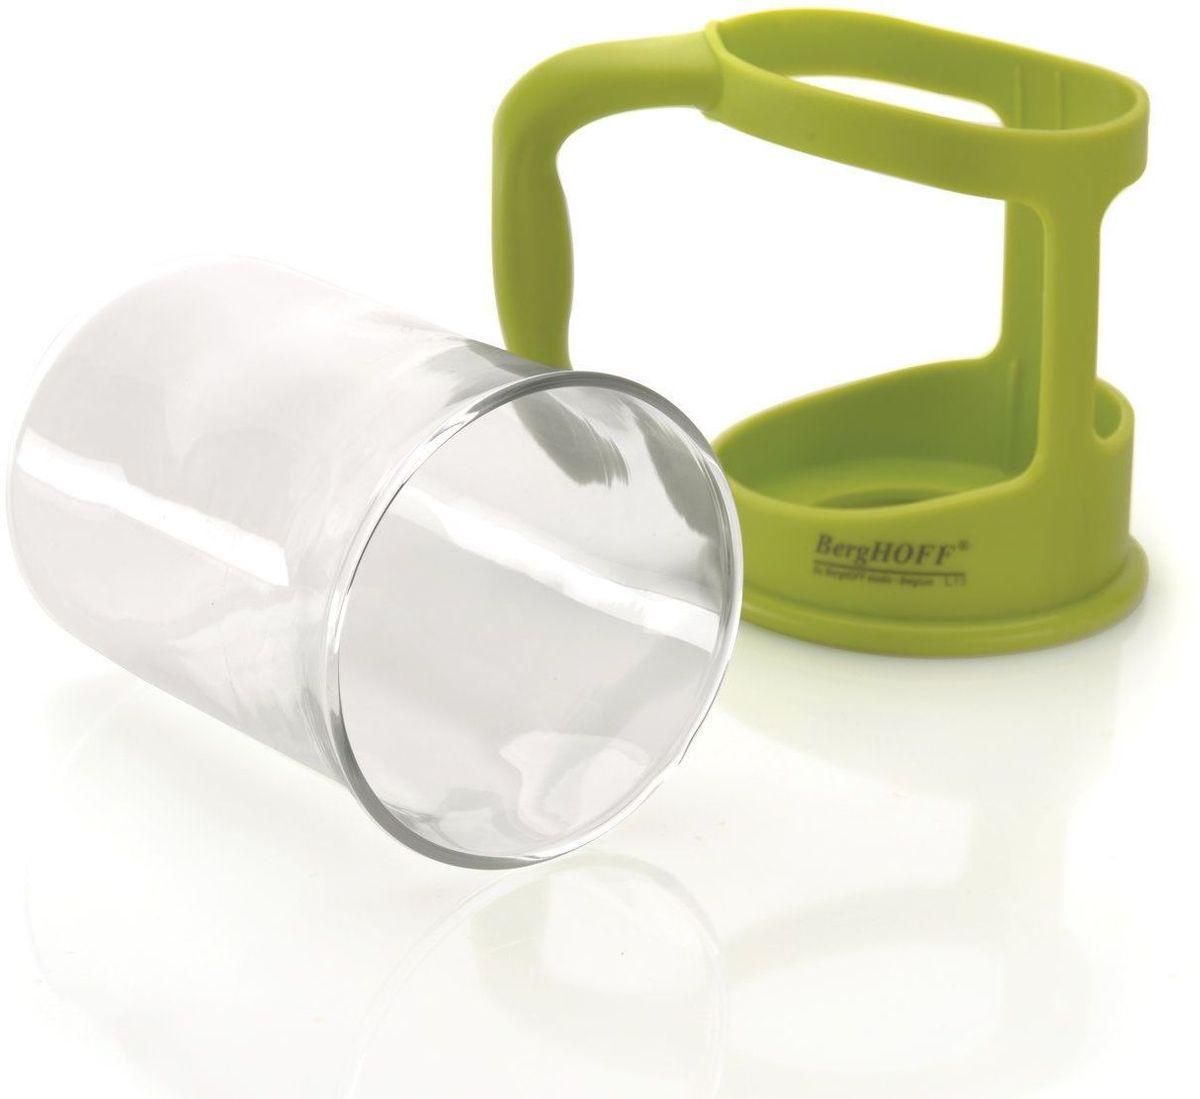 Набор чашек BergHOFF Studio, цвет: лаймовый, 200 мл, 2 шт1106840Набор чашекBergHOFF порадует вас своим качеством. Яркий дизайн чашек не останется незамеченным и украсит ваш стол. Материал: термостойкое боросиликатное стекло. Не нагревающиеся ручки изготовленыиз высококачественного синтетического материала Рекомендуется мыть вручную.